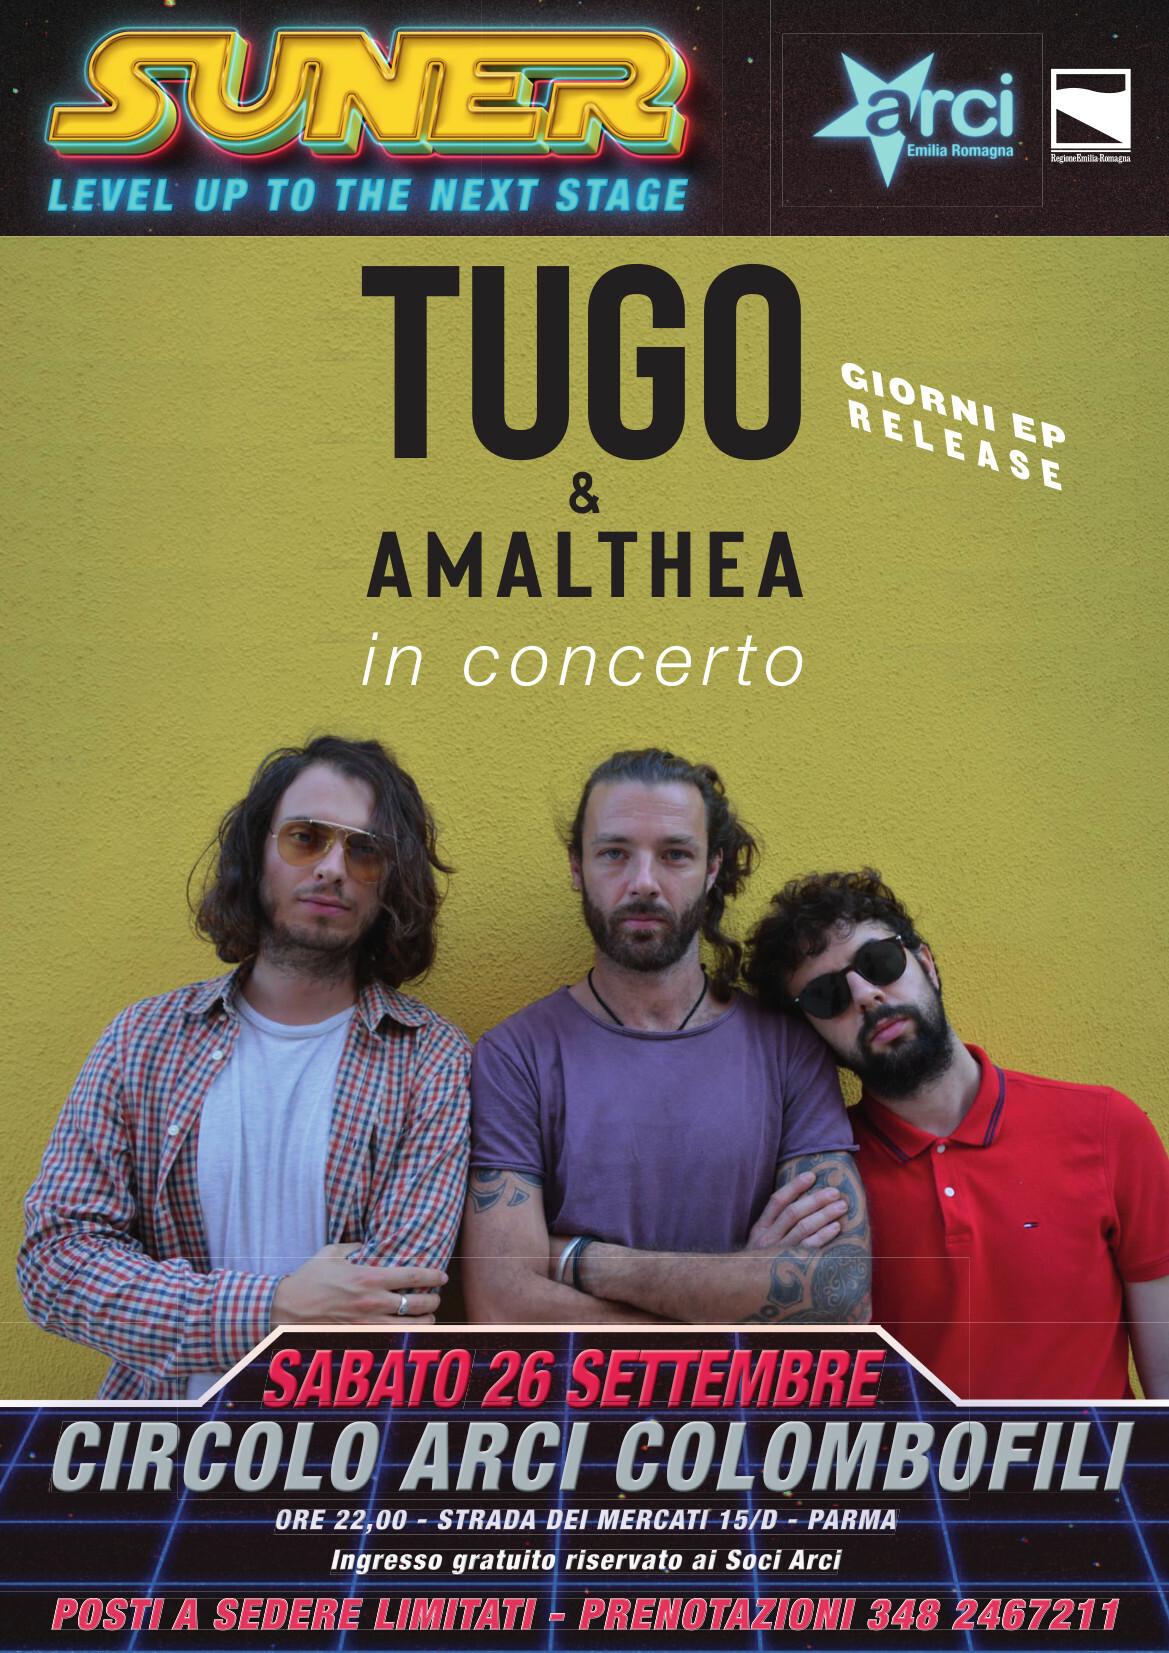 """TUGO """"Giorni EP release"""" & Amalthea al CIRCOLO ARCI COLOMBOFILI"""